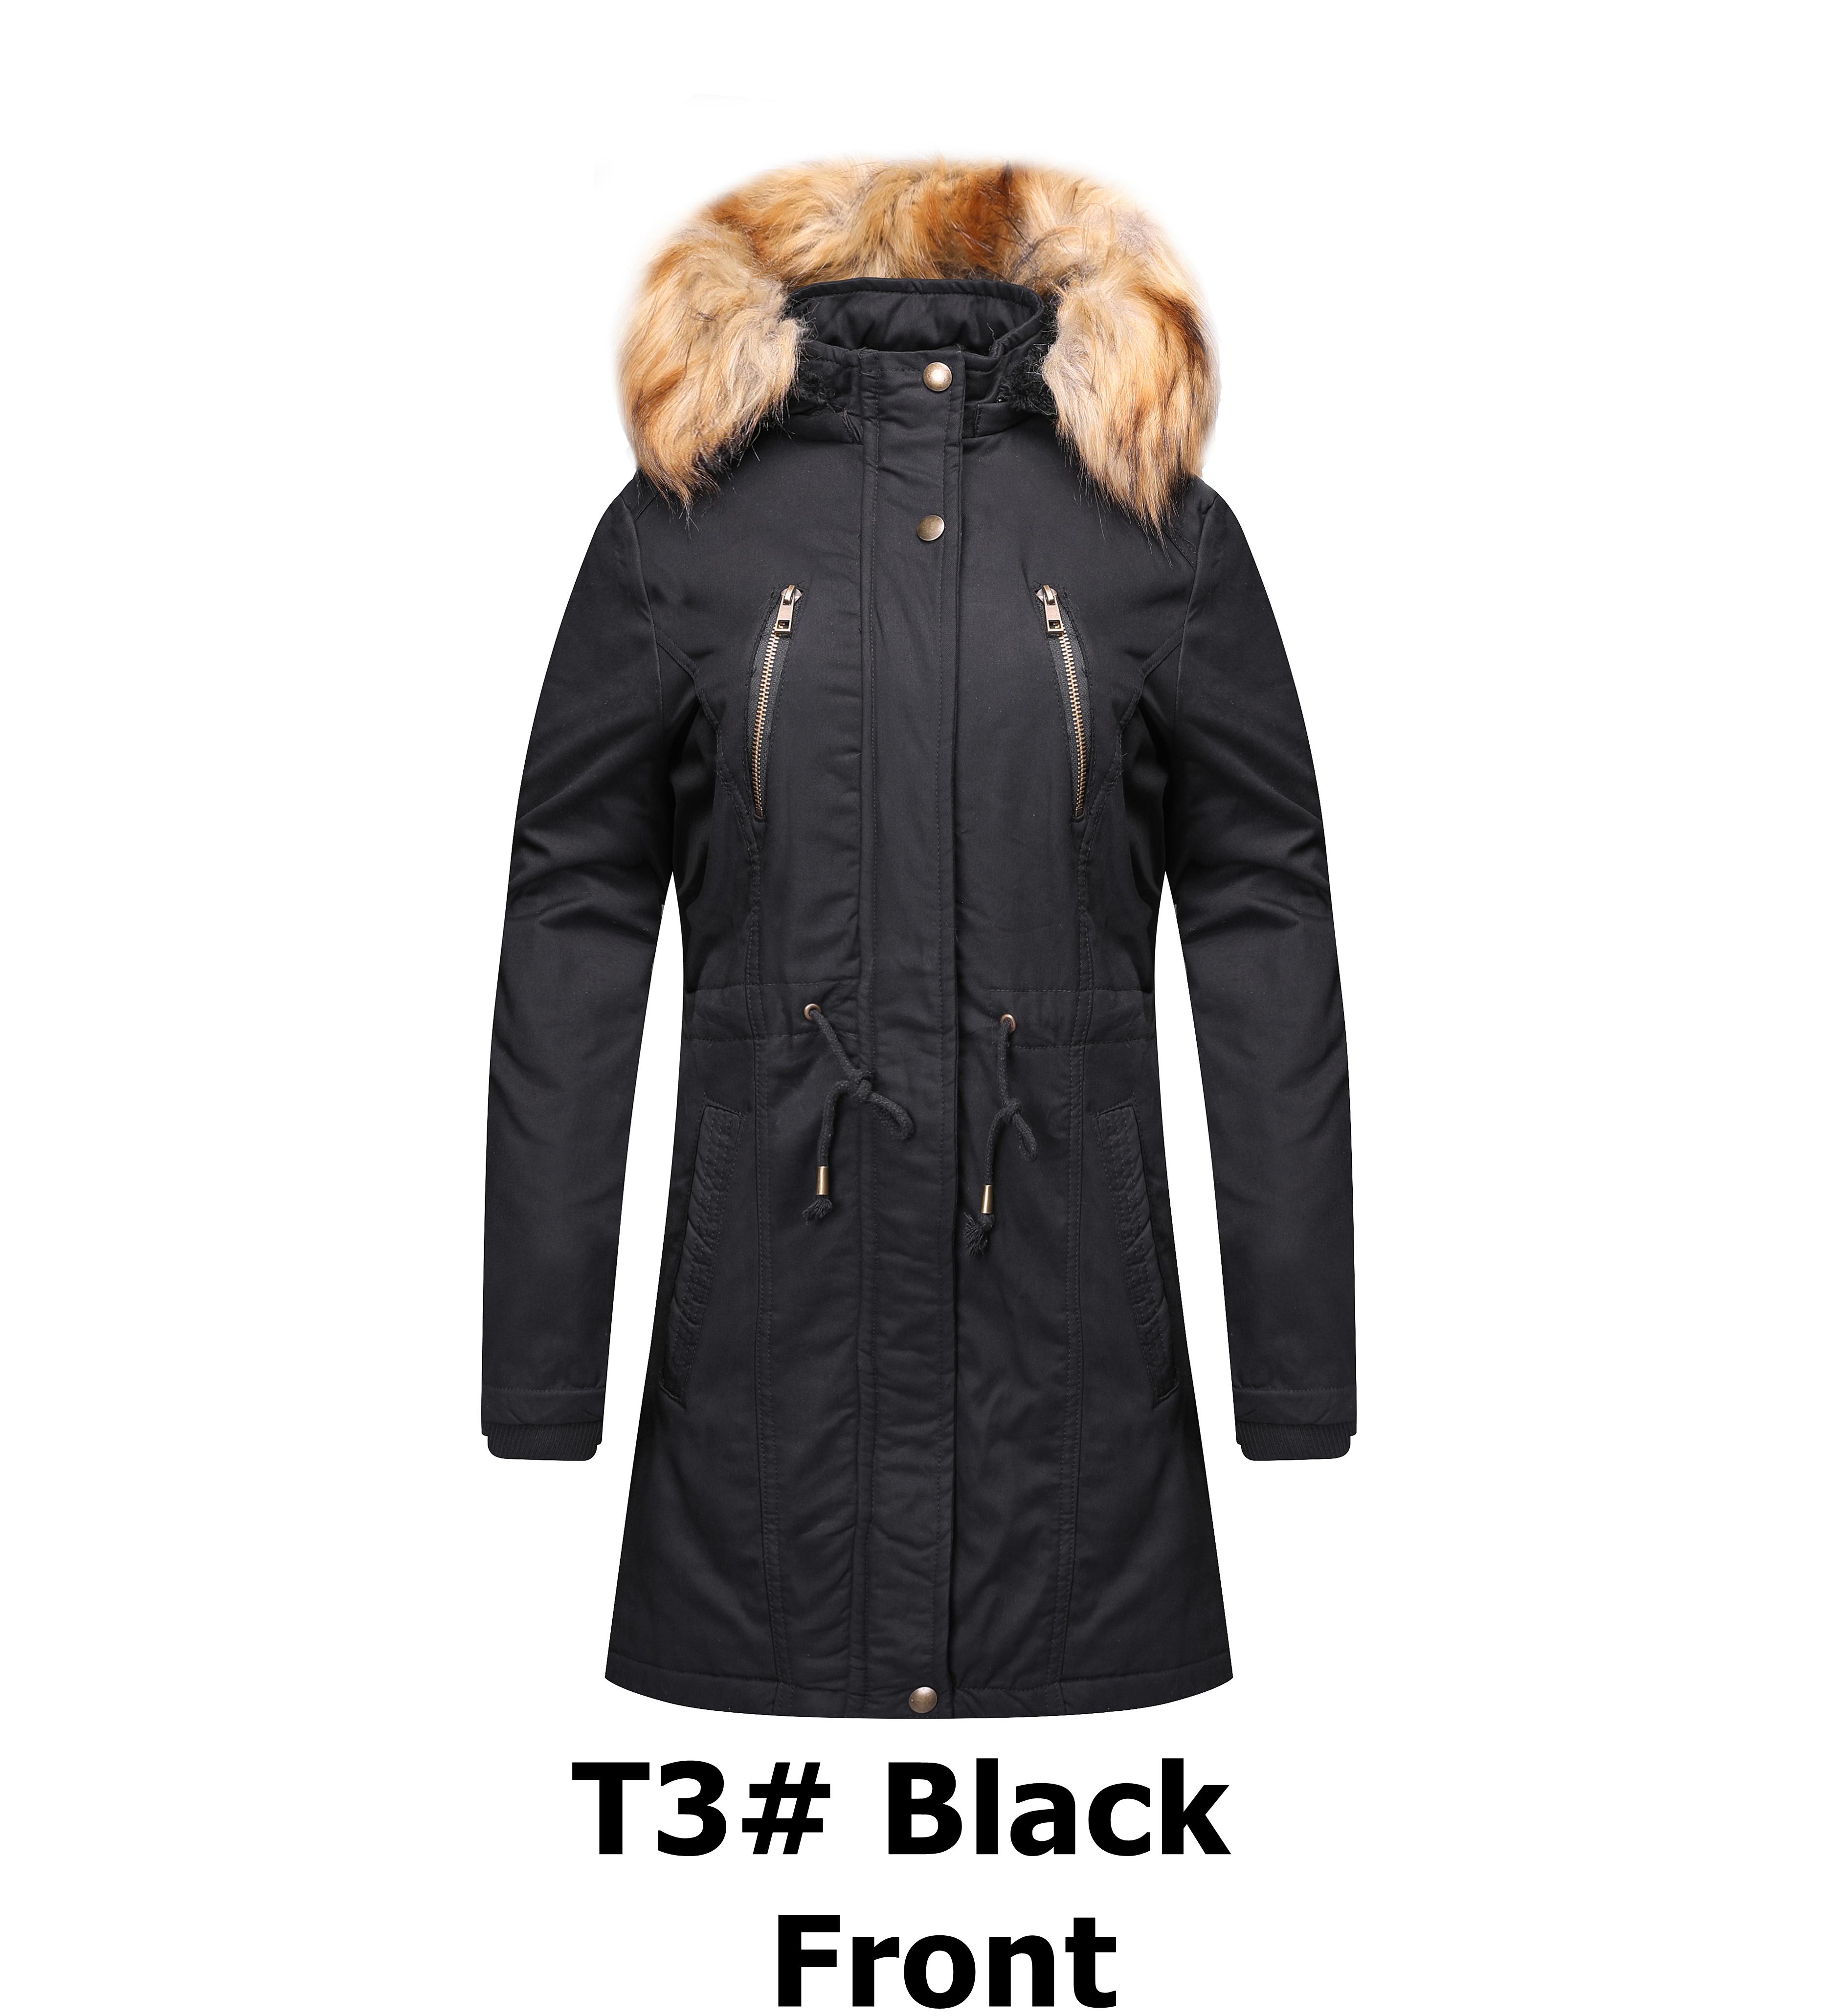 9e80538489ecf Personnalisé polyester longue à capuche femme hiver manteau cape manteau de  fourrure de vison manteau pour